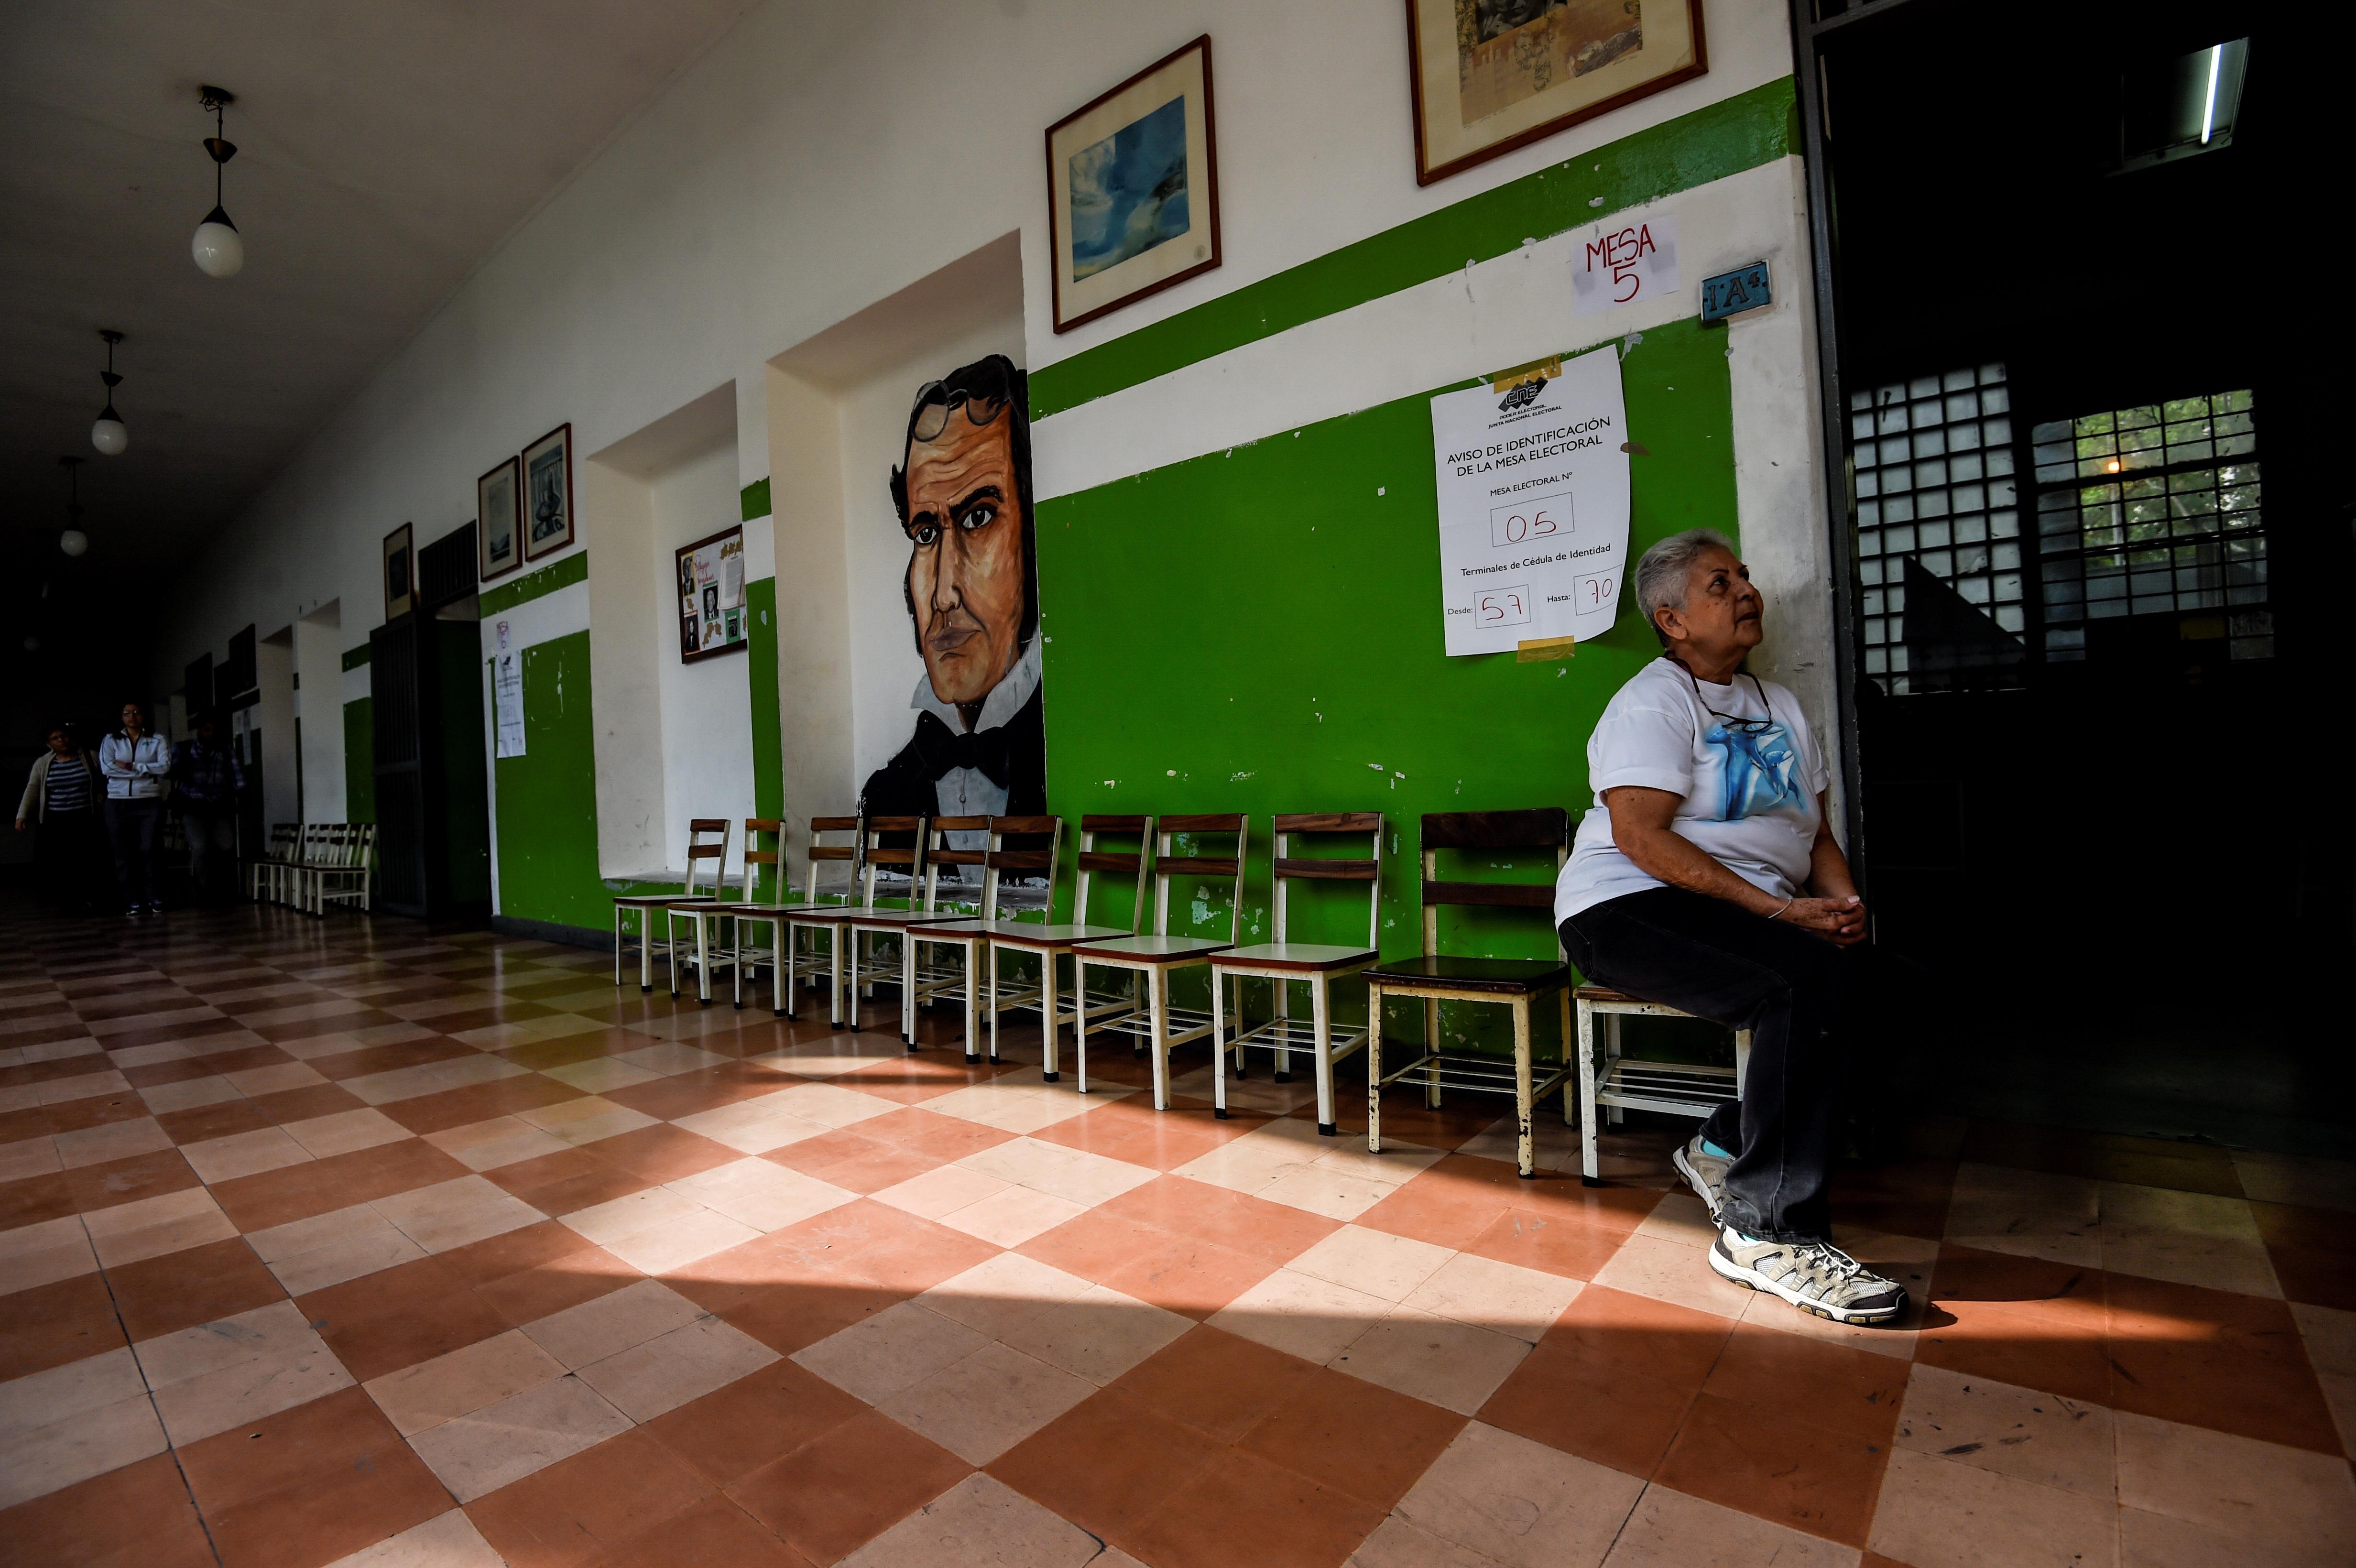 Una mujer espera en un centro prácticamente vacío (AFP)